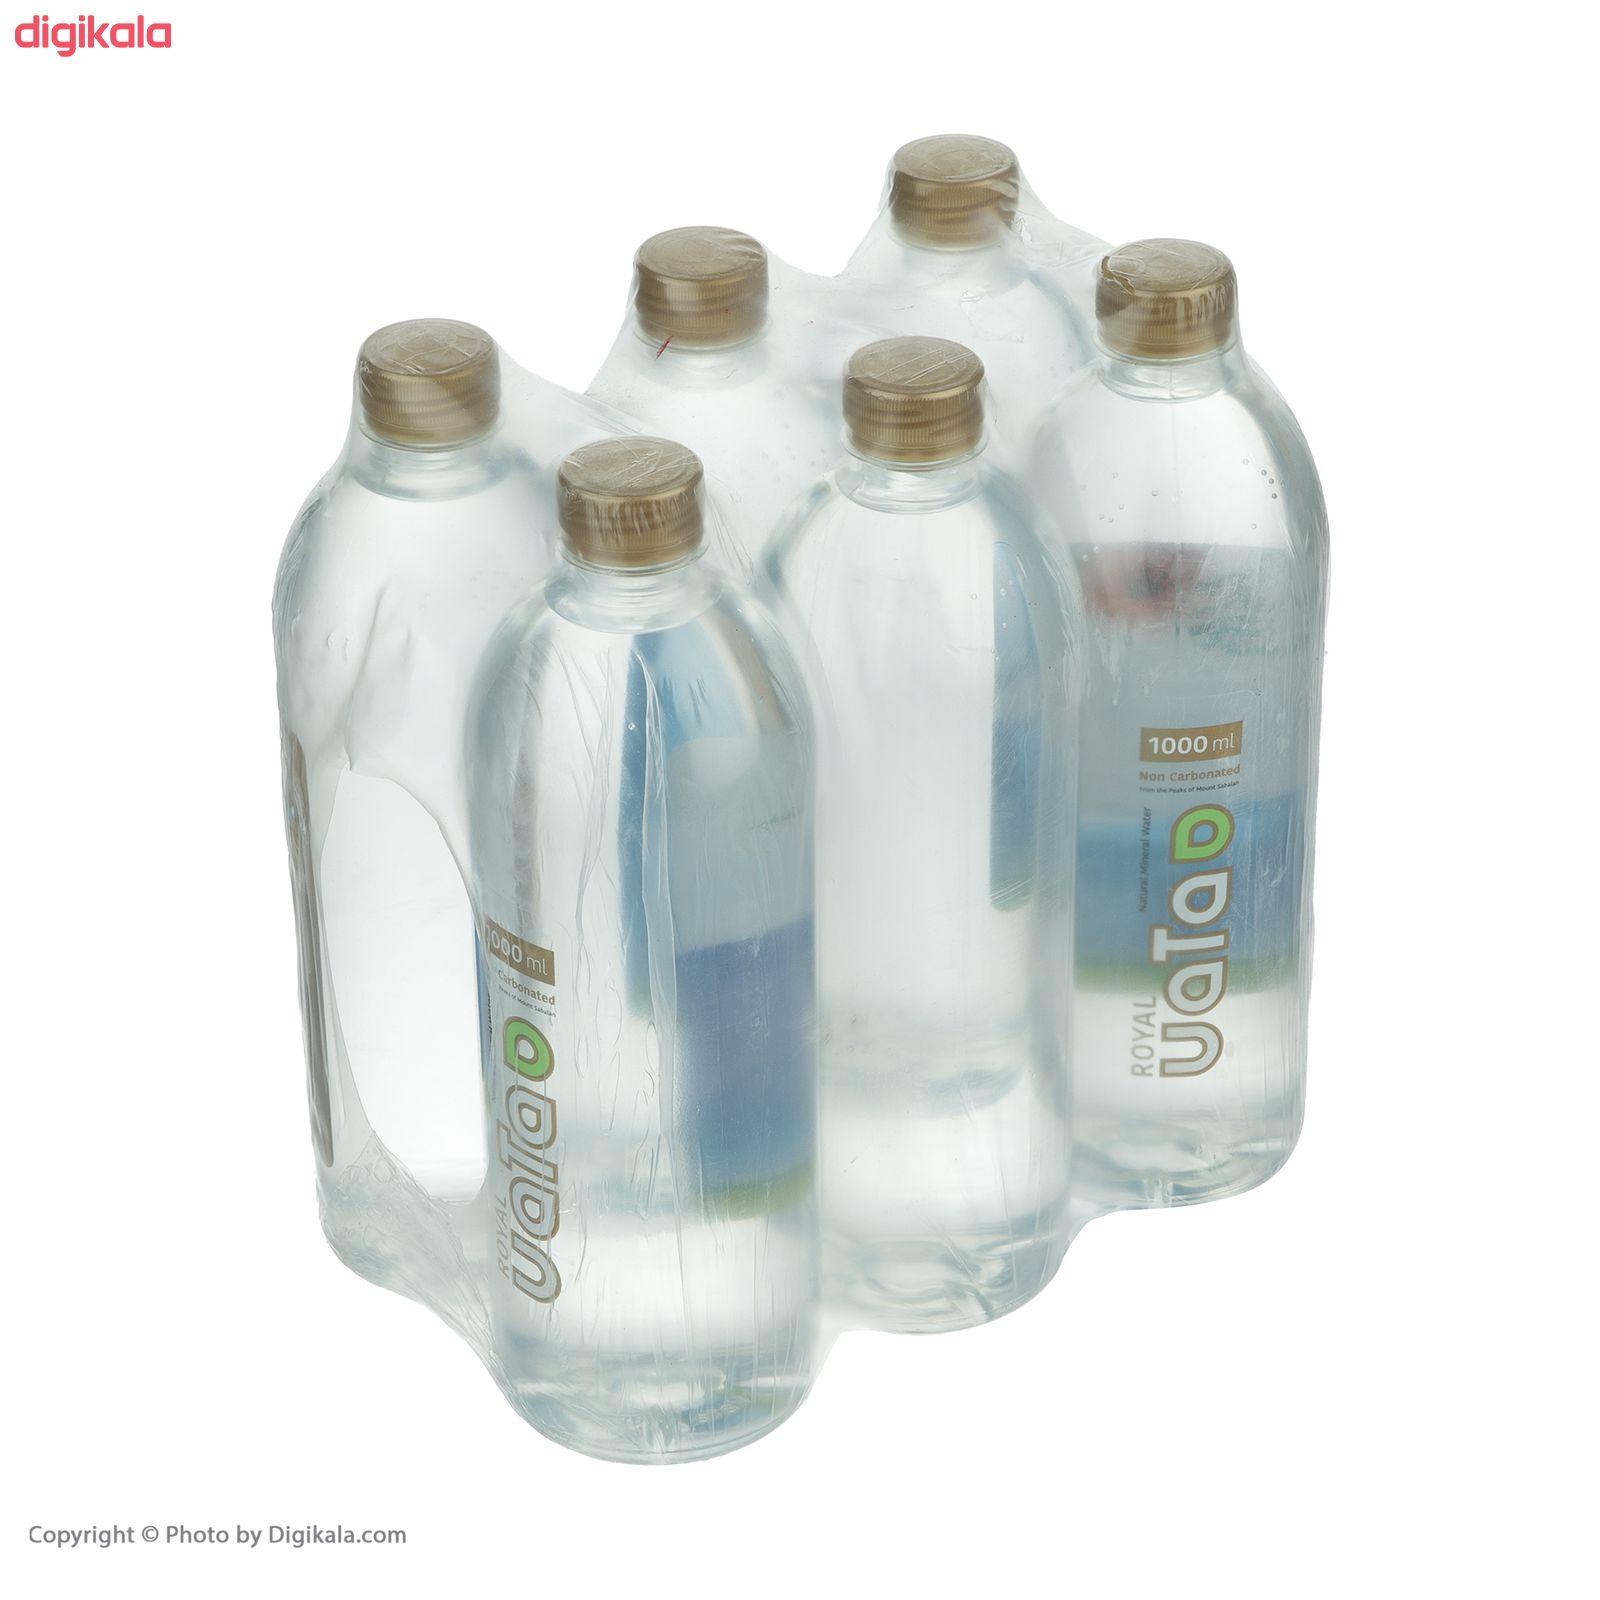 آب معدنی رویال واتا حجم 1000 میلی لیتر بسته 6 عددی main 1 1